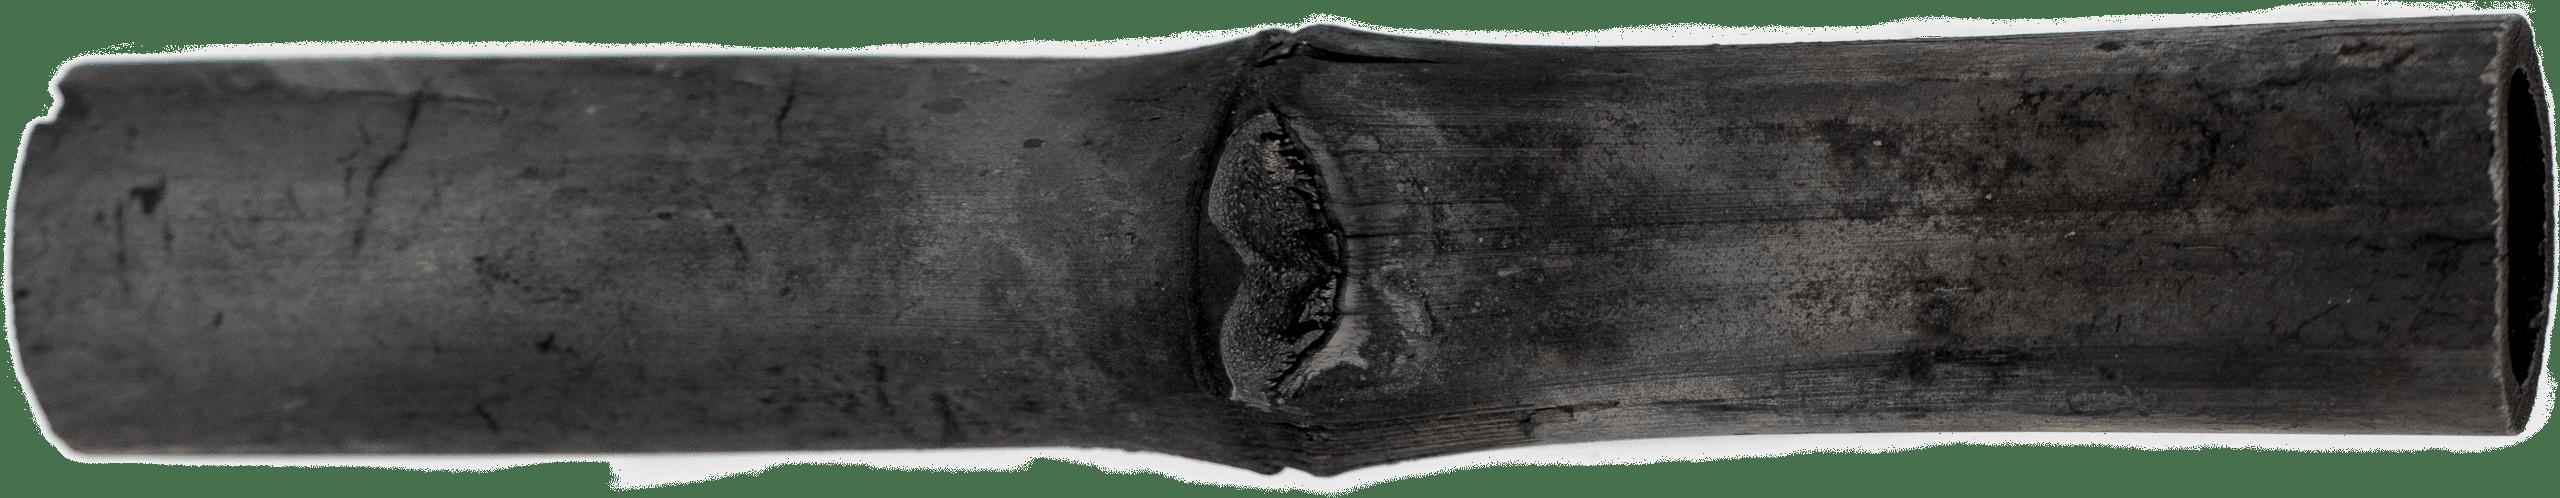 charbon takesumi